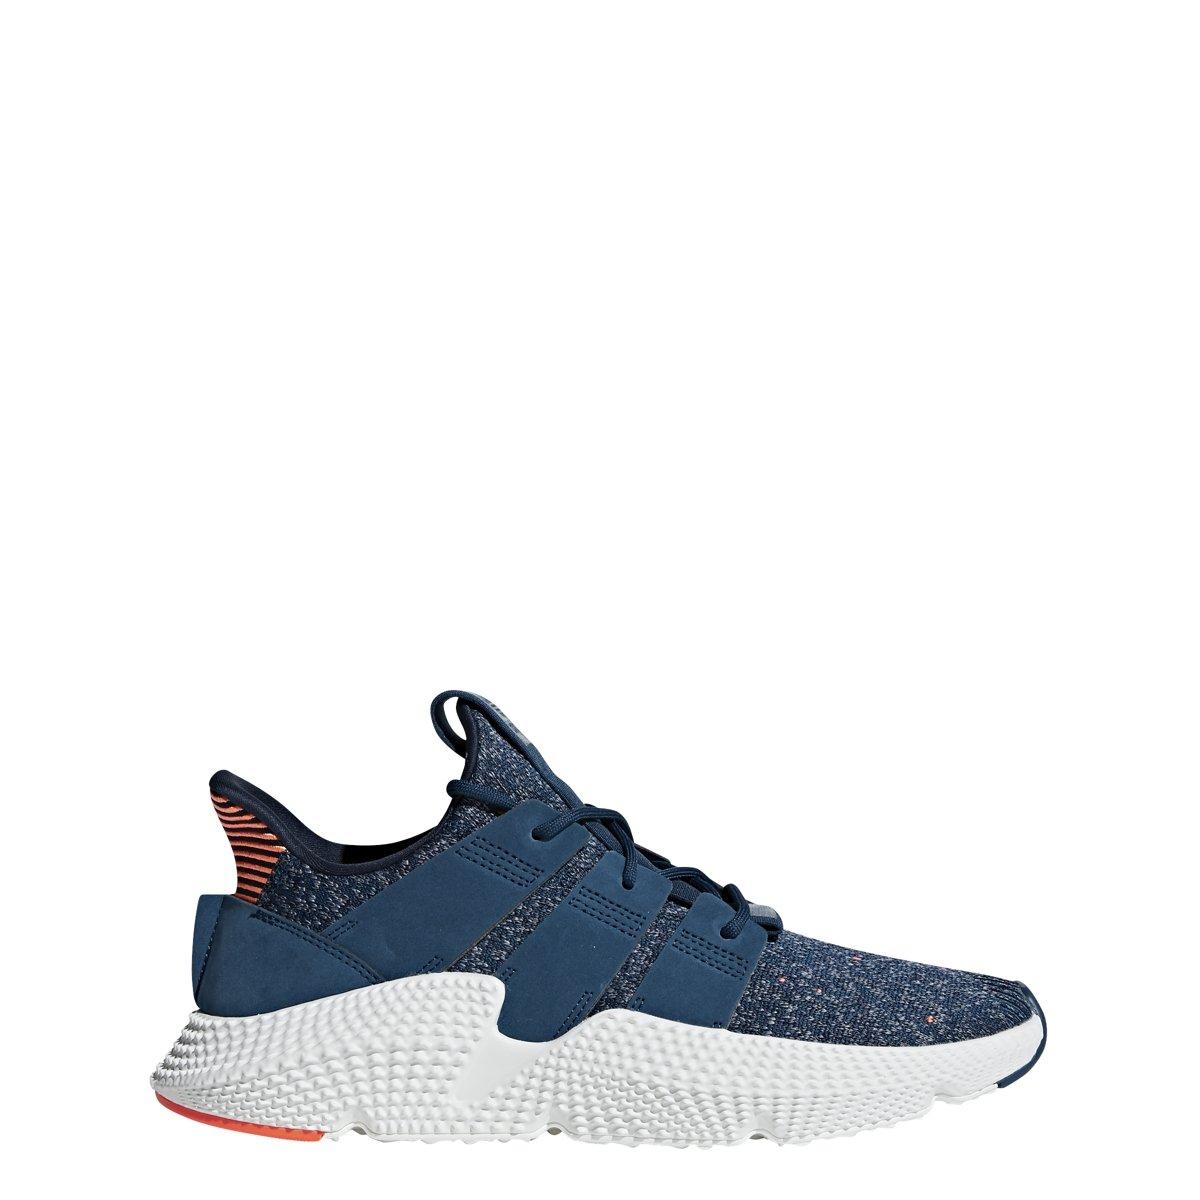 Adidas Prophere Shoes Men's (7, Blue